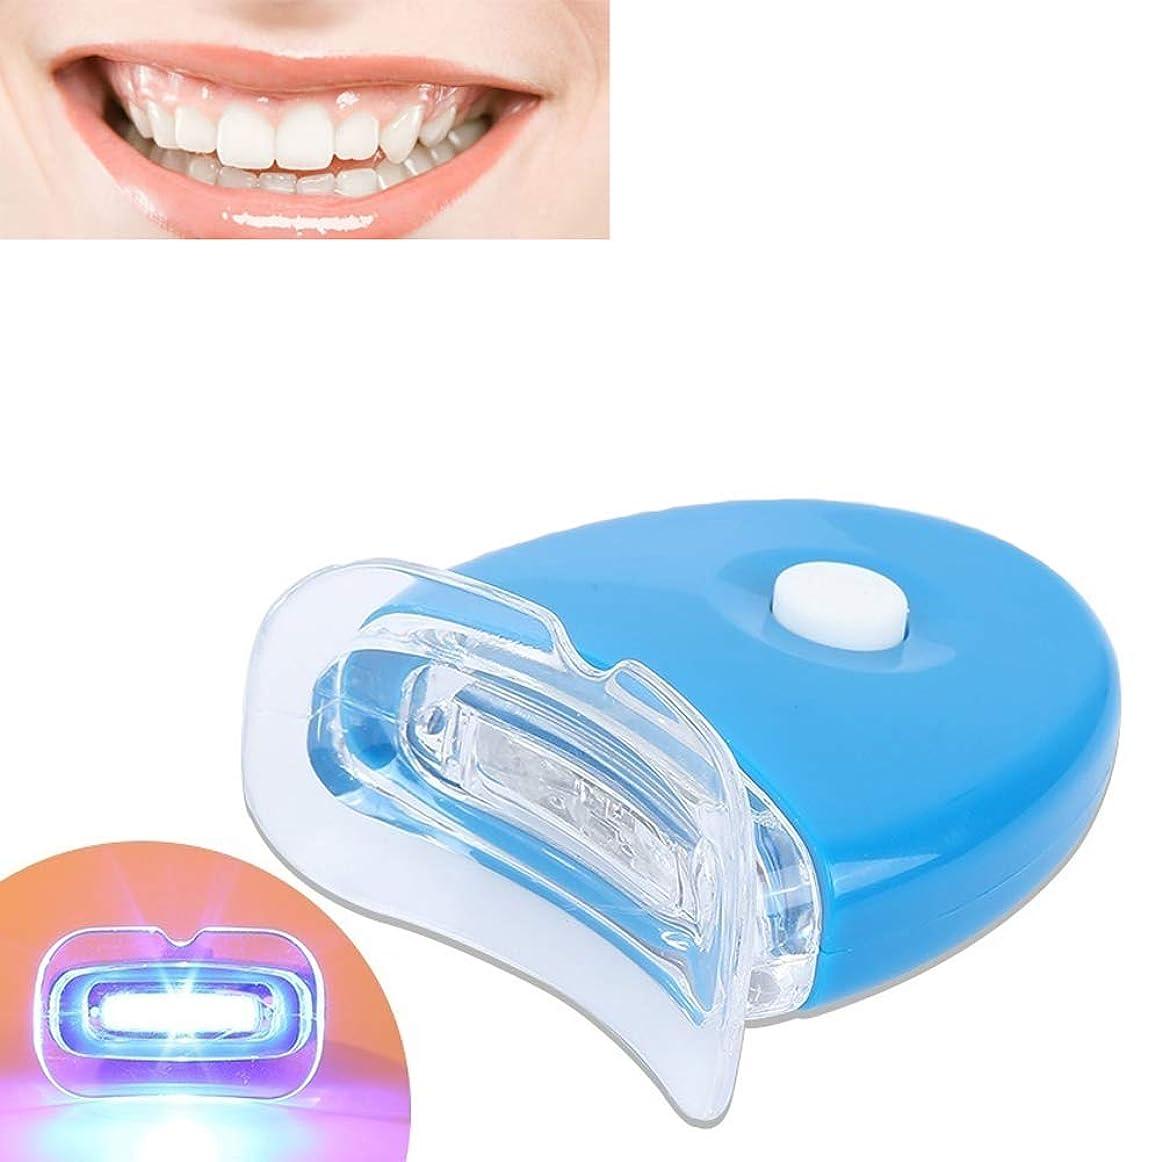 ドキュメンタリー成長ストライド歯をホワイトニングする歯ホワイトナーケア健康な歯科用LEDライト